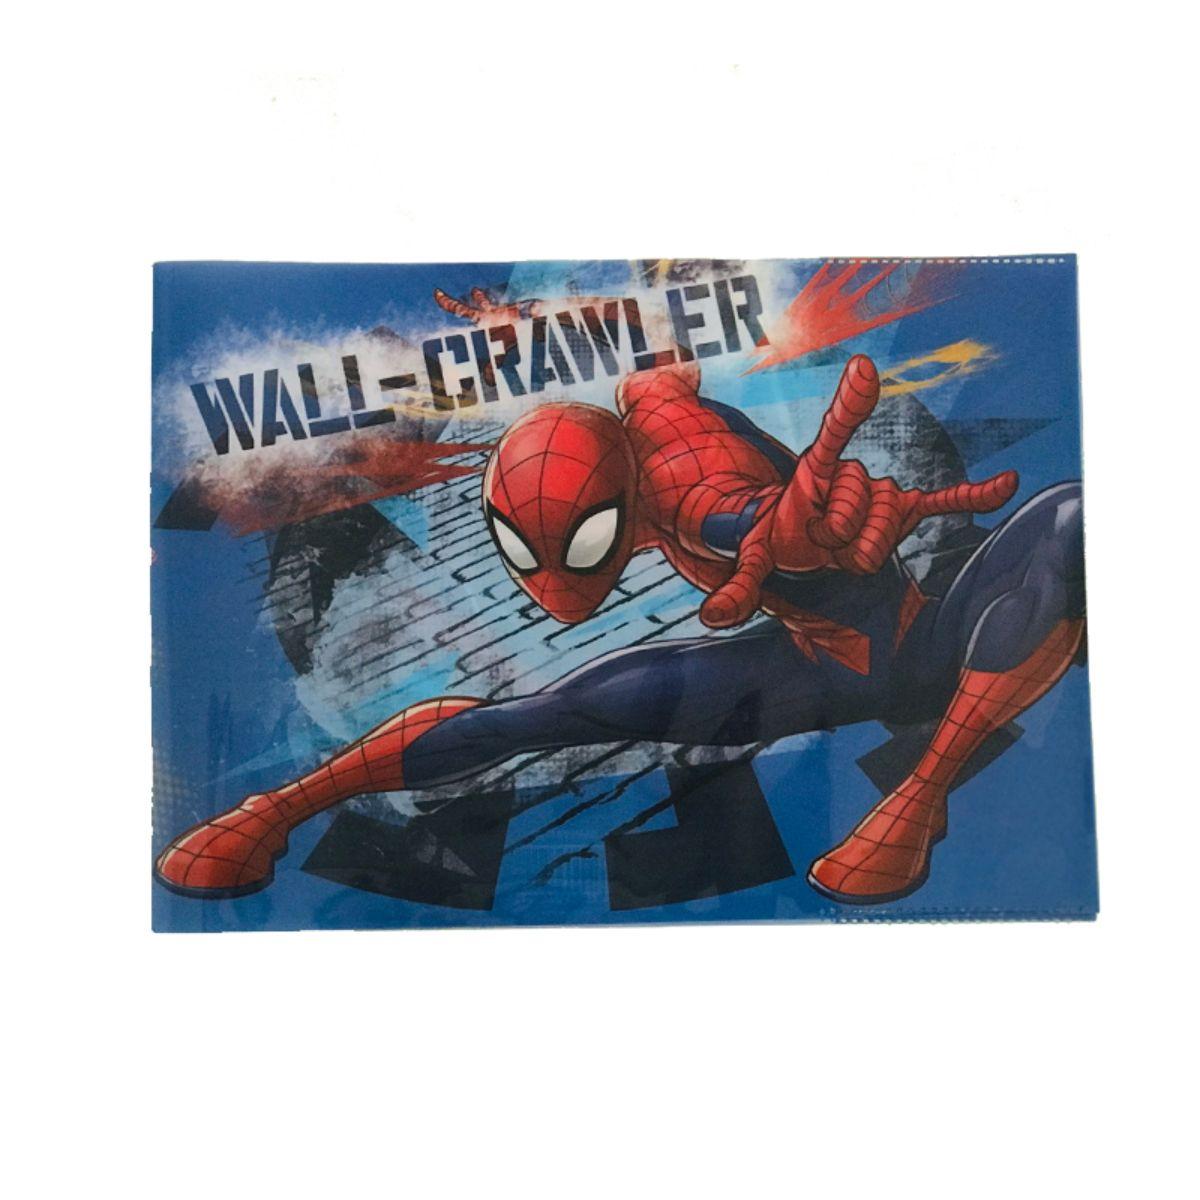 Coperta Spiderman pentru caiet de muzica, biologie, geografie